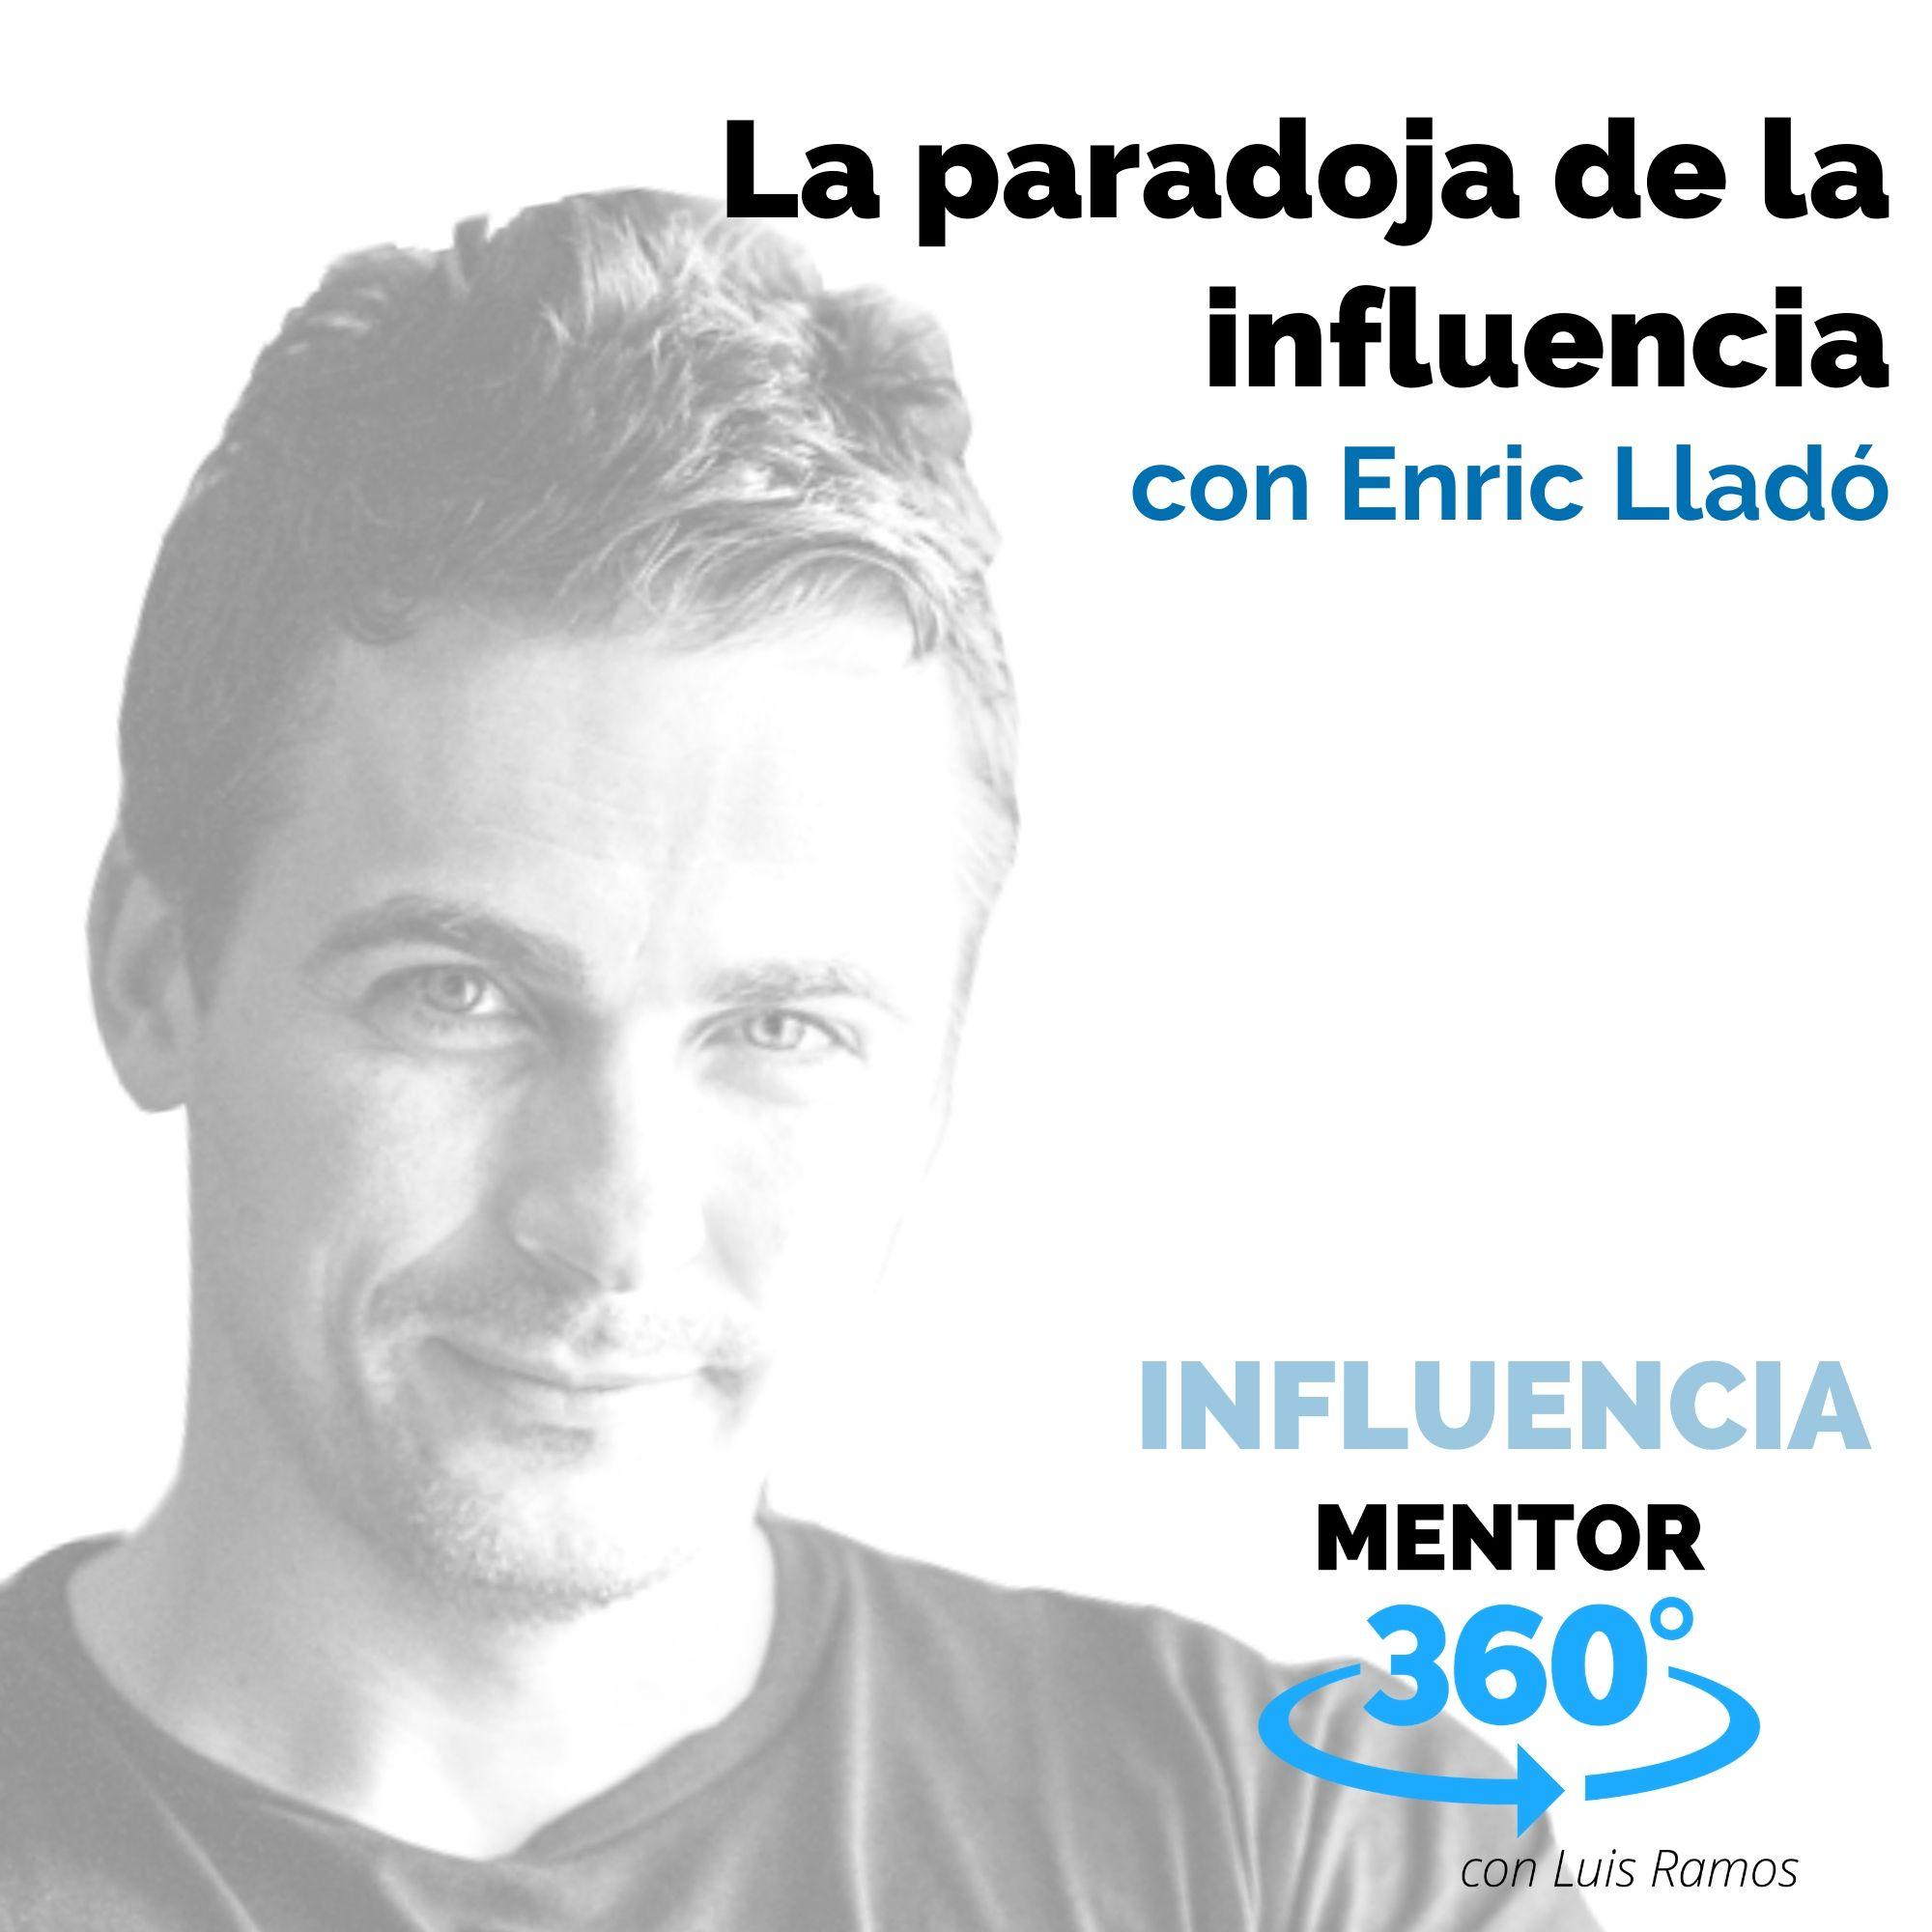 La paradoja de la influencia, con Enric Lladó - INFLUENCIA